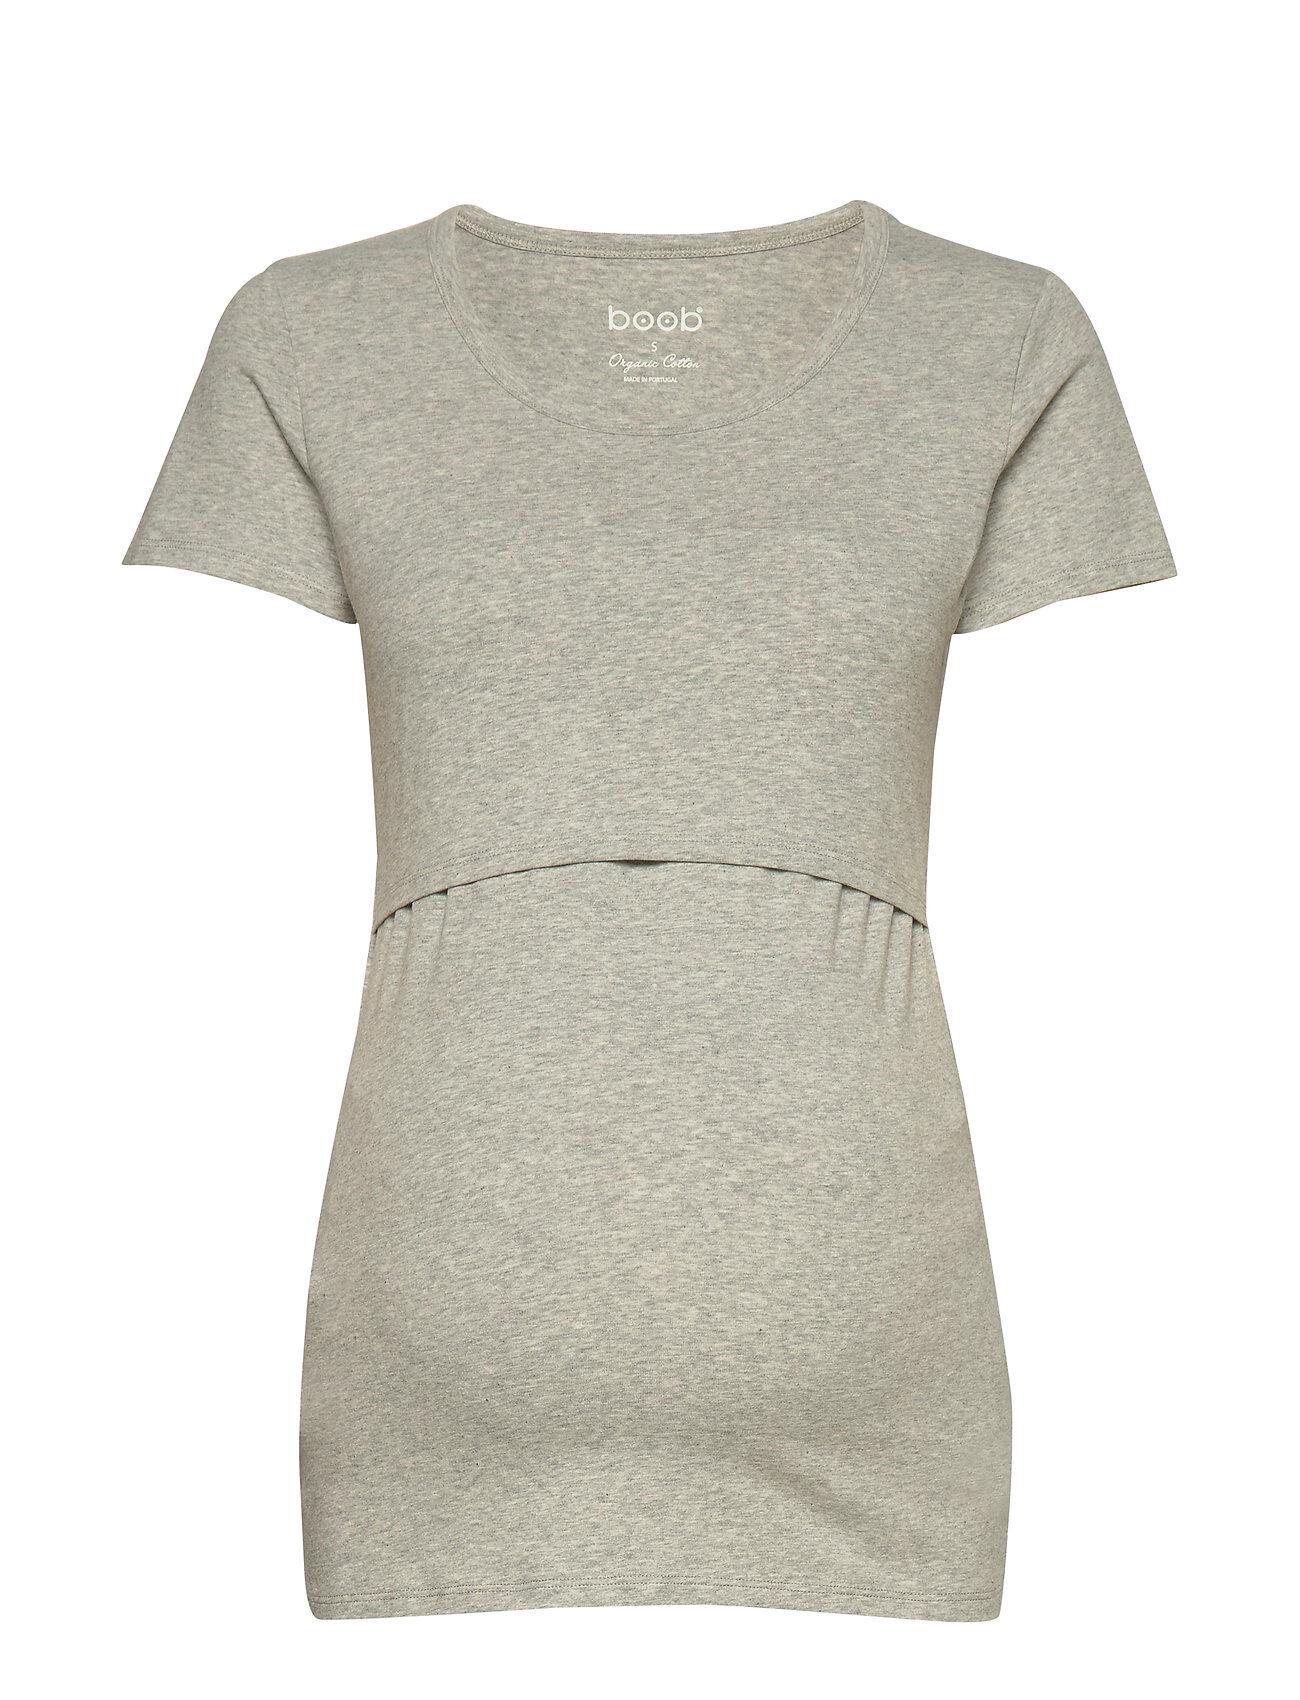 Boob Classic Short-Sleeved Top T-shirts & Tops Short-sleeved Harmaa Boob